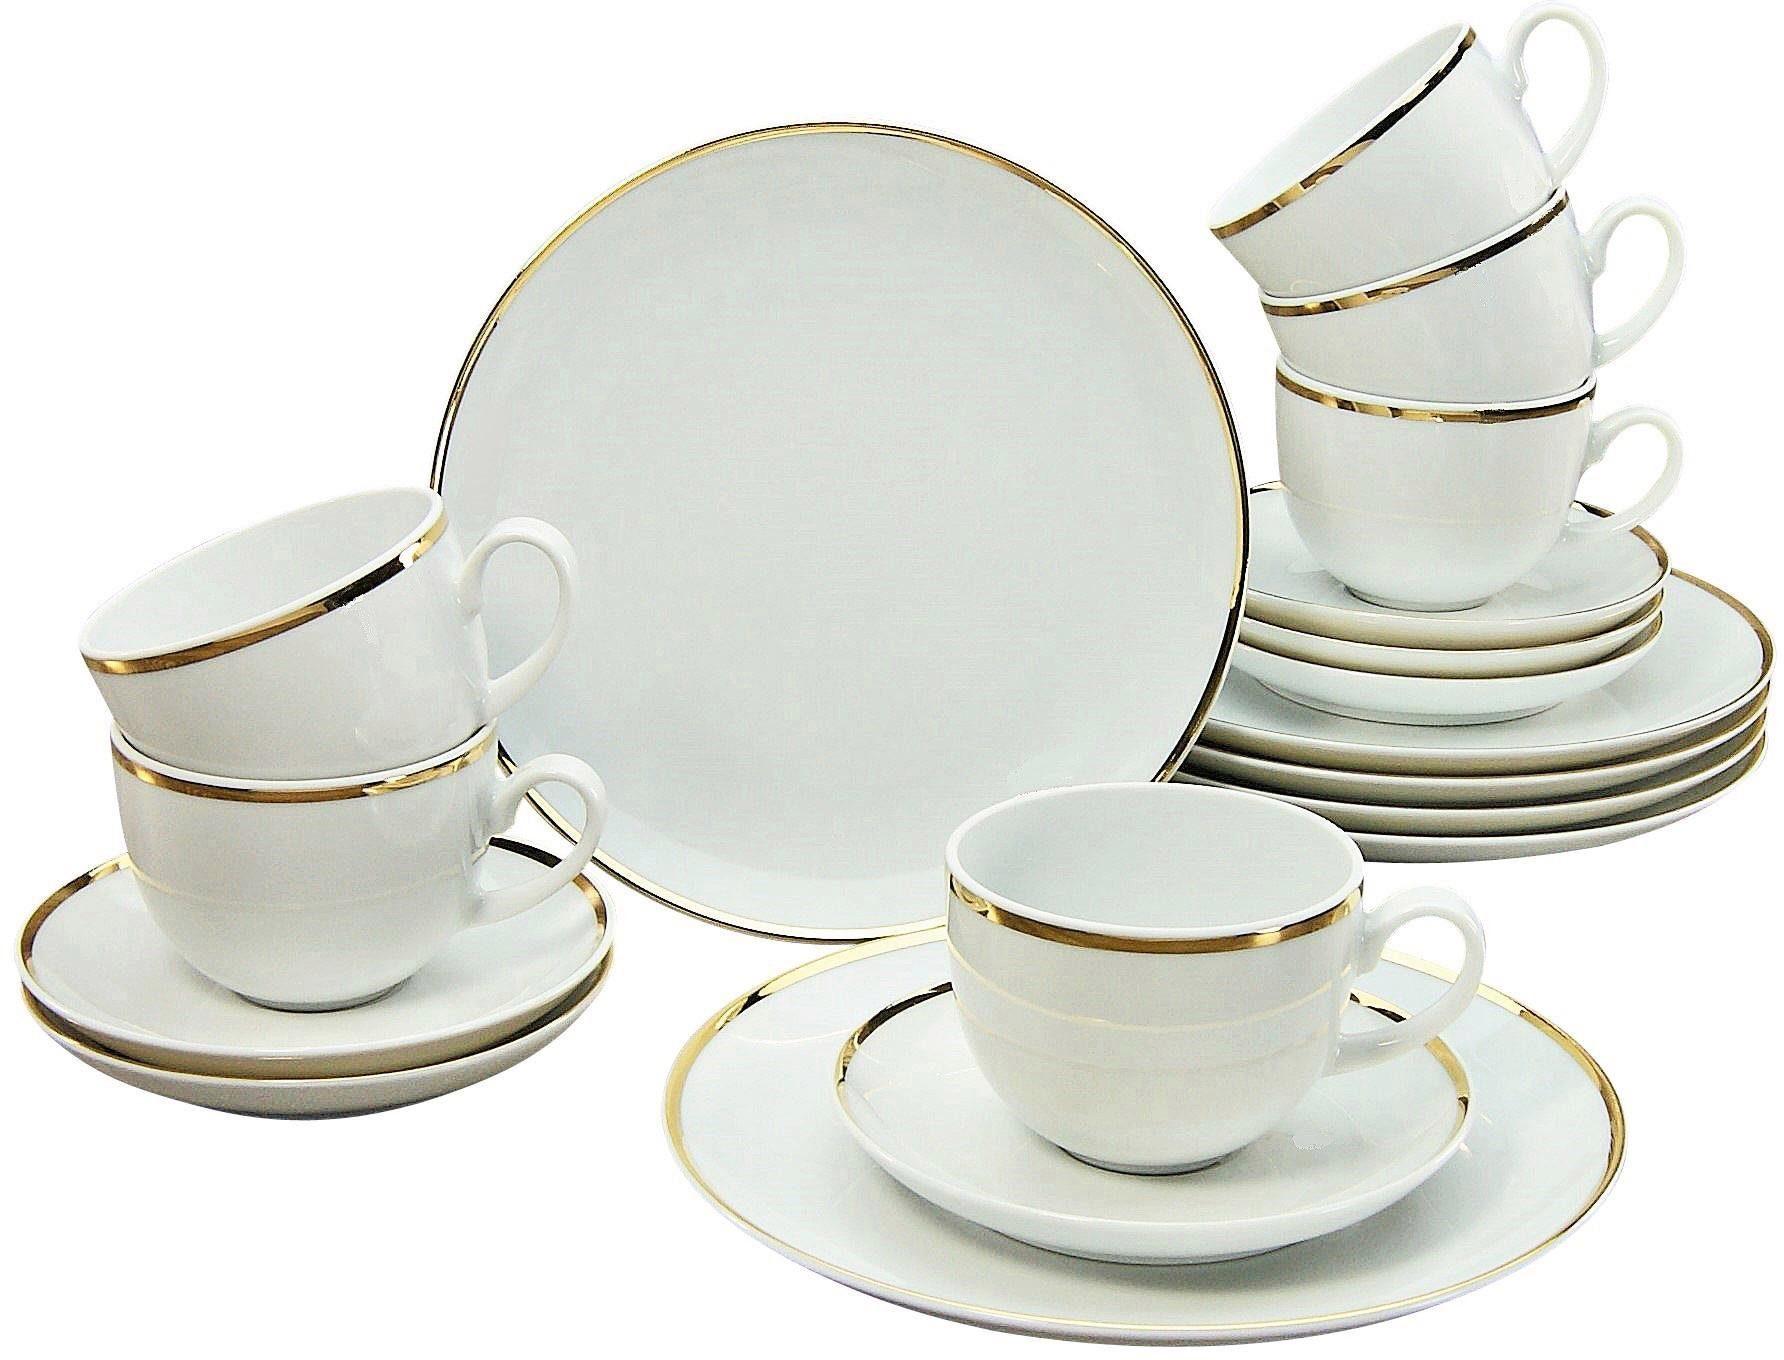 GUIDO MARIA KRETSCHMER HOME & LIVING Kaffeeservice, Porzellan, 18 Teile , »Golden Line«